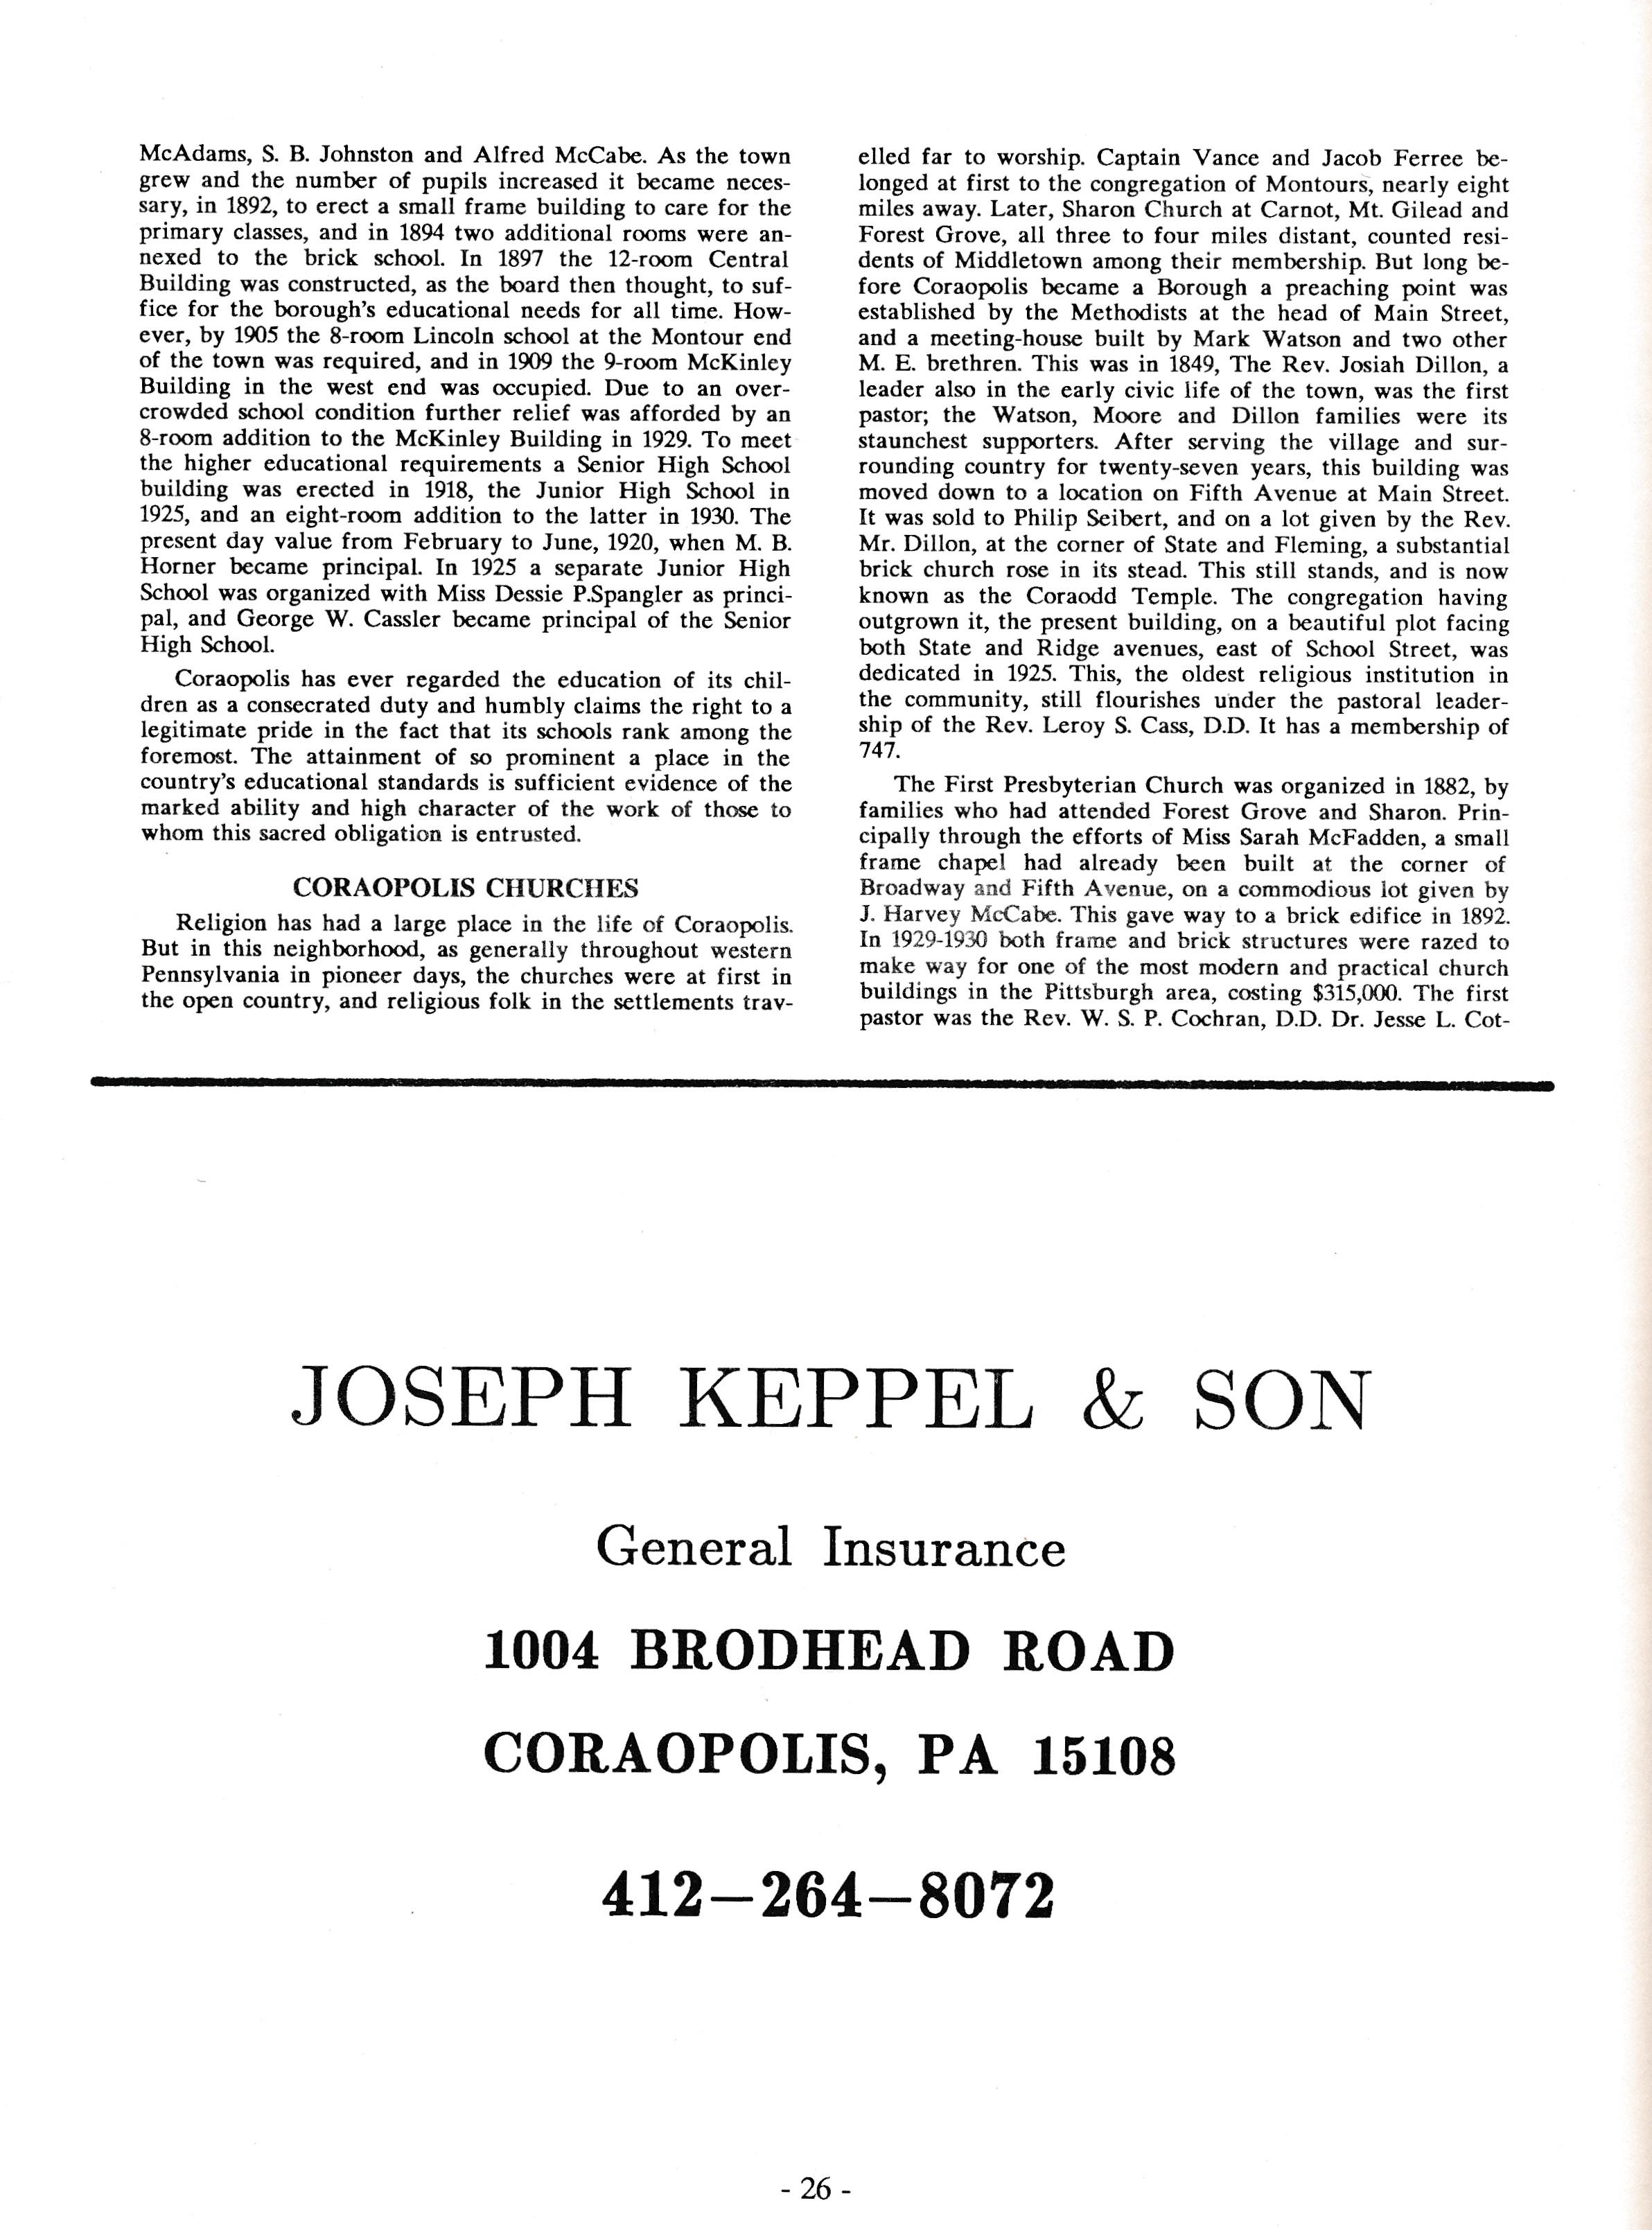 Coraopolis Centennial Booklet (28).jpg